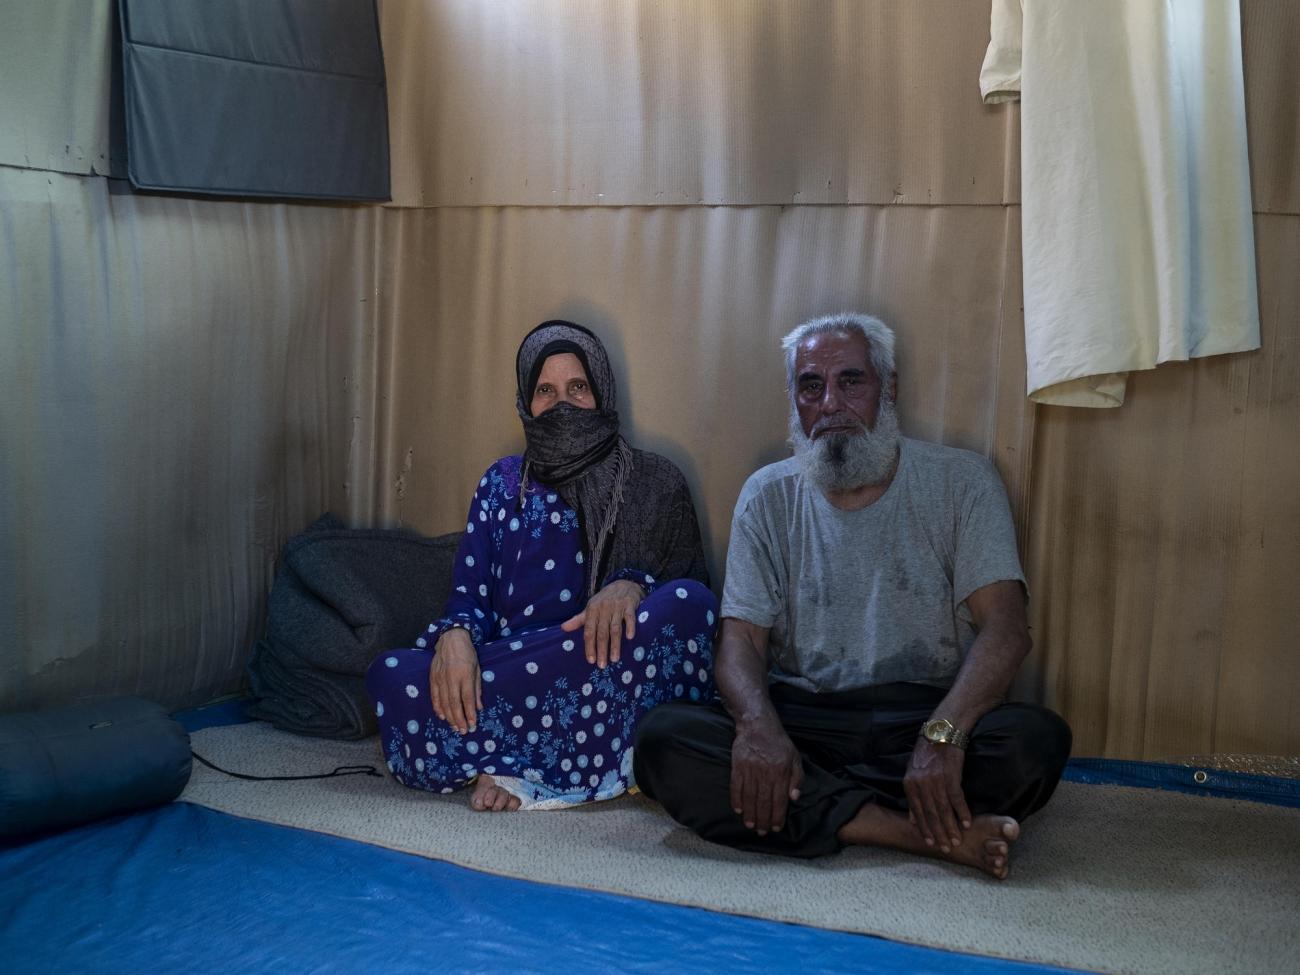 Darwish et Aysha ont respectivement 74 et 68 ans. Camp de Vathy, île de Samos, juillet 2020.  © Enri Canaj / Magnum Photos pour MSF